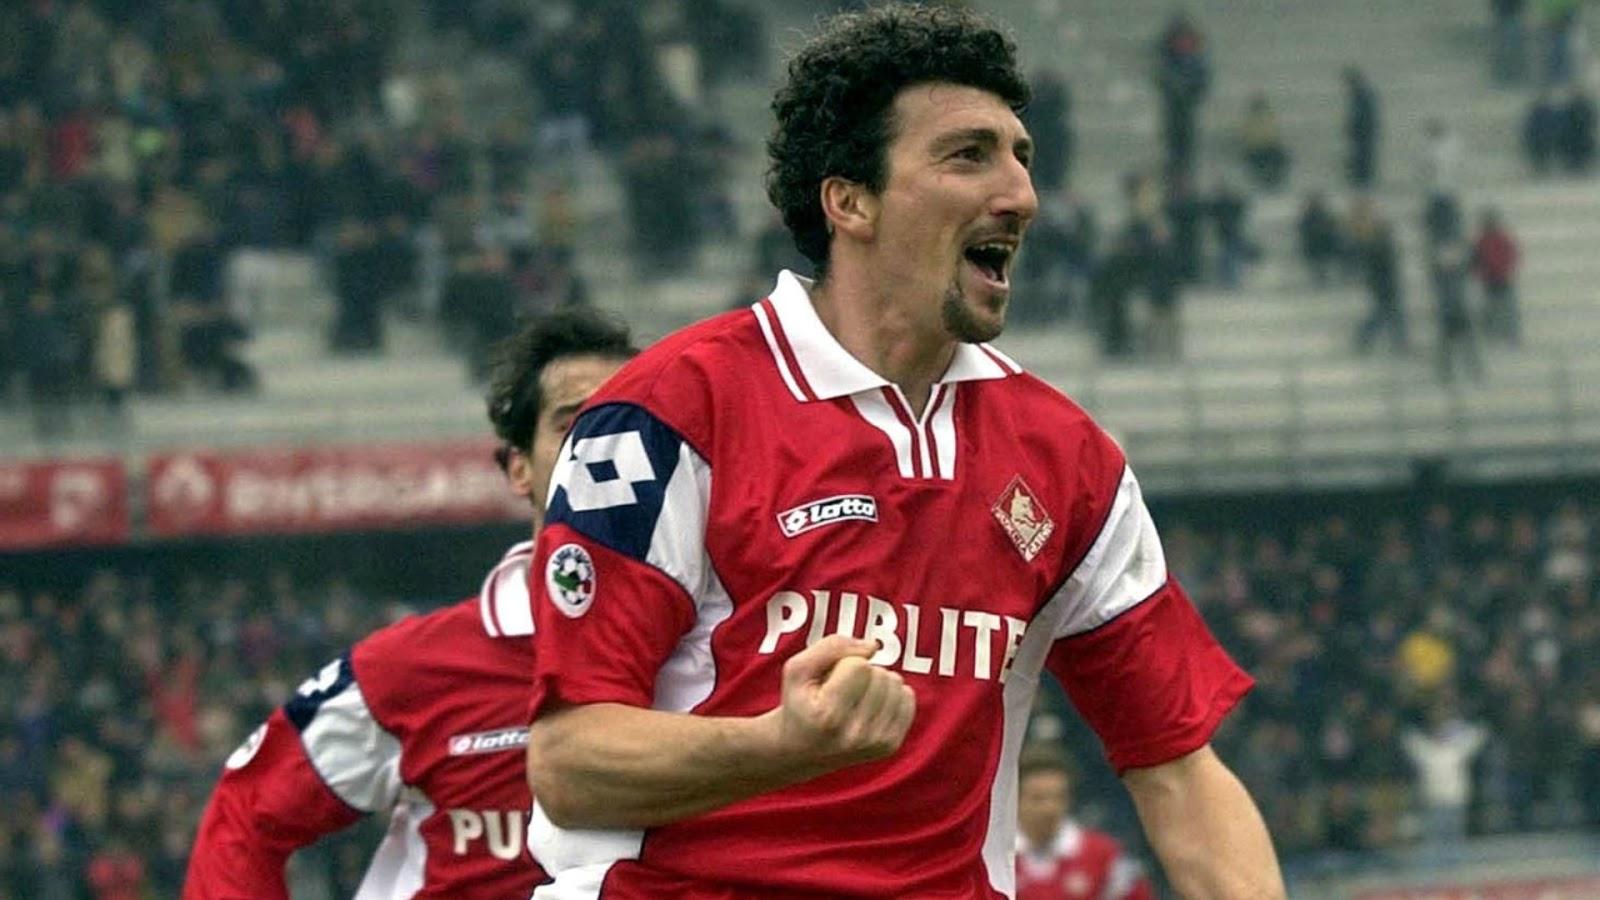 Calcio&Ricordi – Dario Hübner, il bomber senza tempo